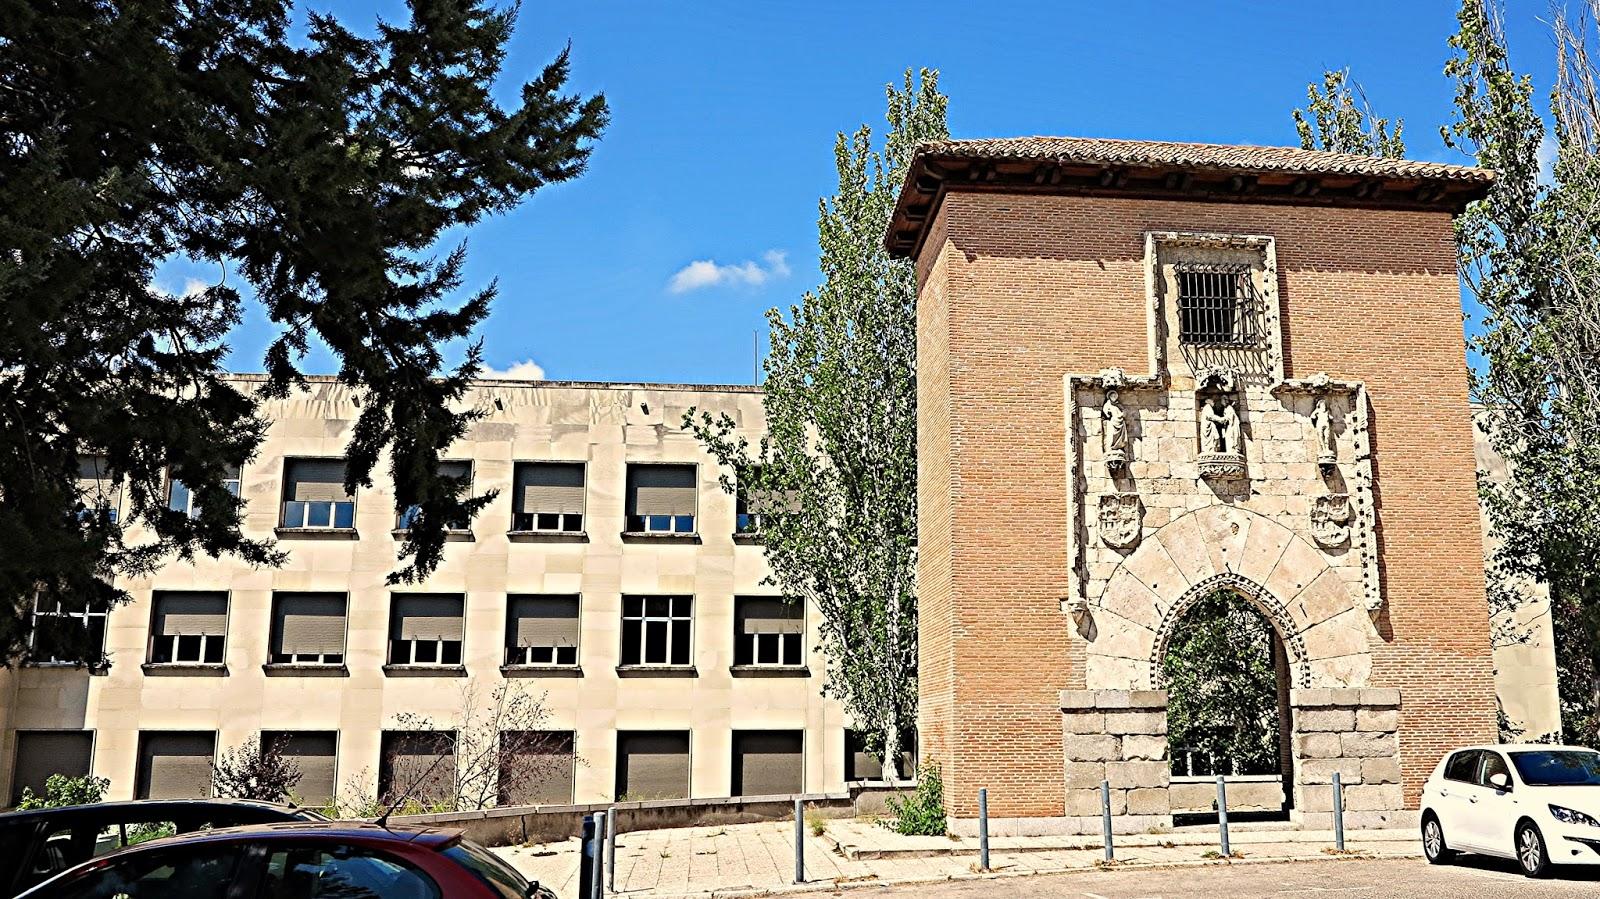 La ciudad universitaria de madrid la portada g tica - Ets arquitectura madrid ...